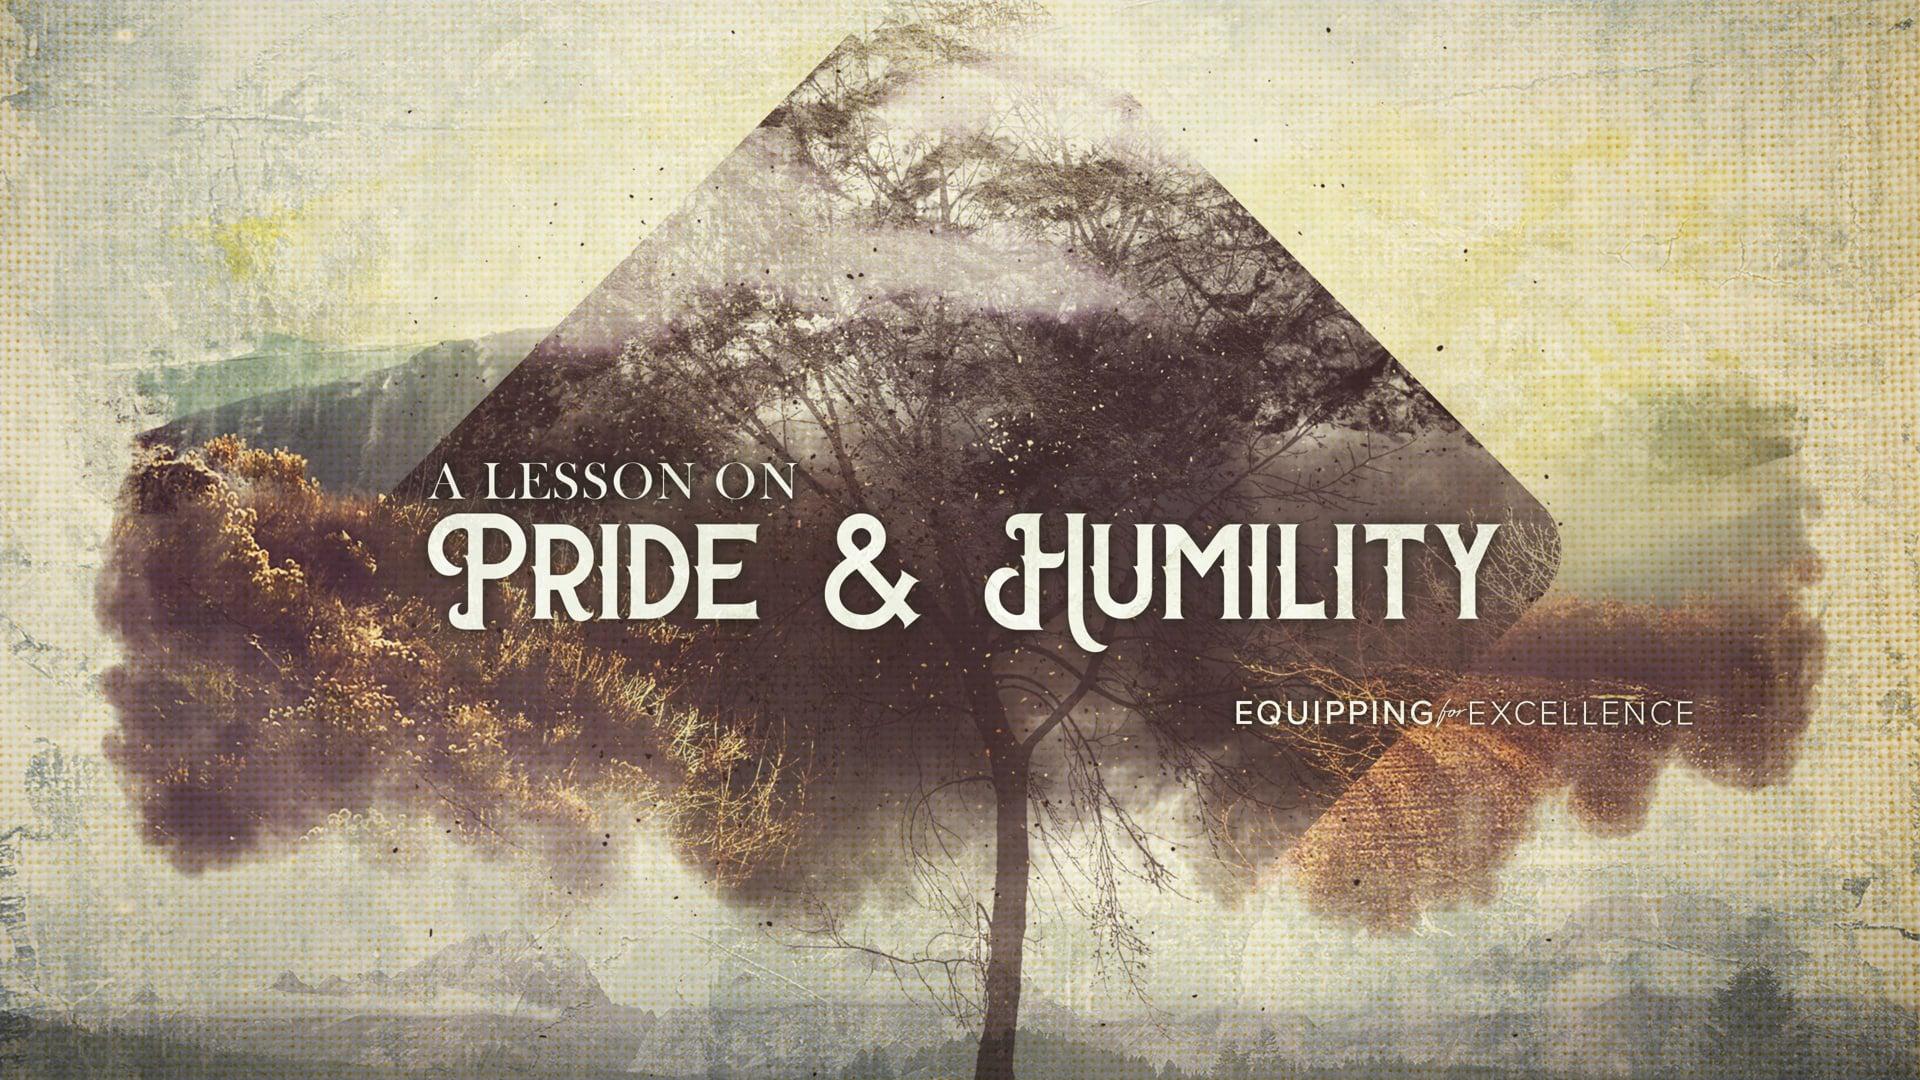 A Lesson in Pride & Humility